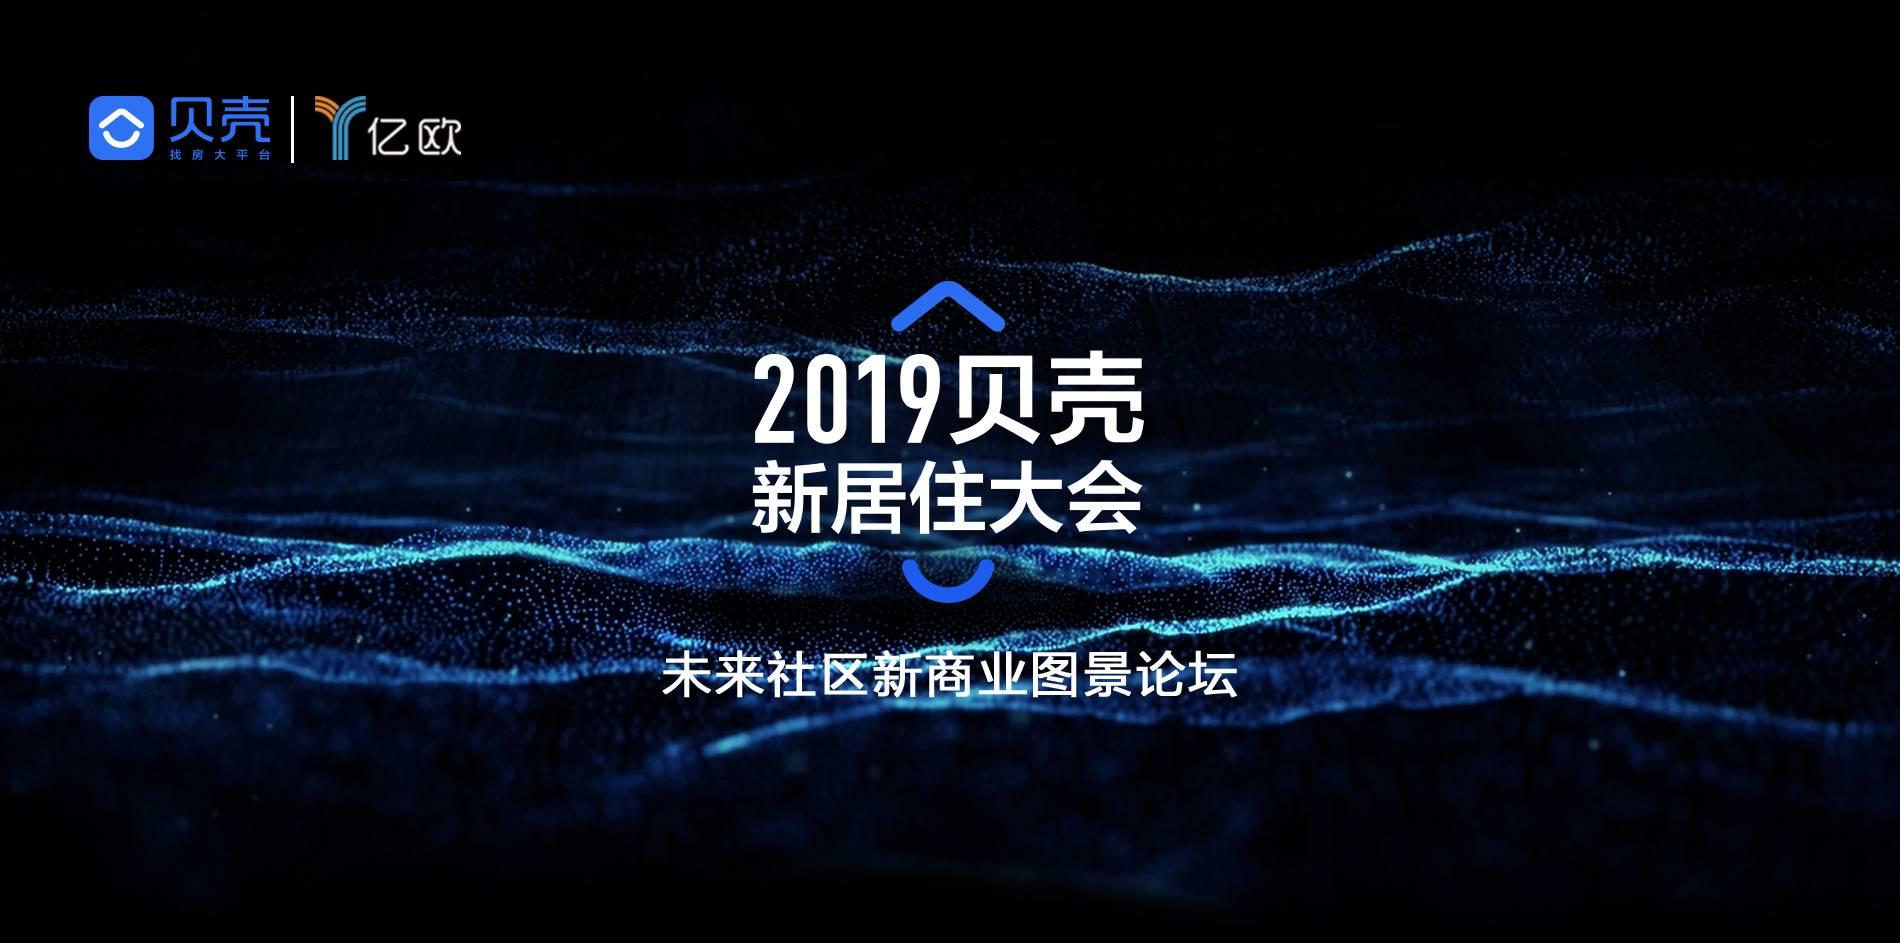 【活动】2019贝壳新居住大会——未来社区新商业图景论坛-亿欧